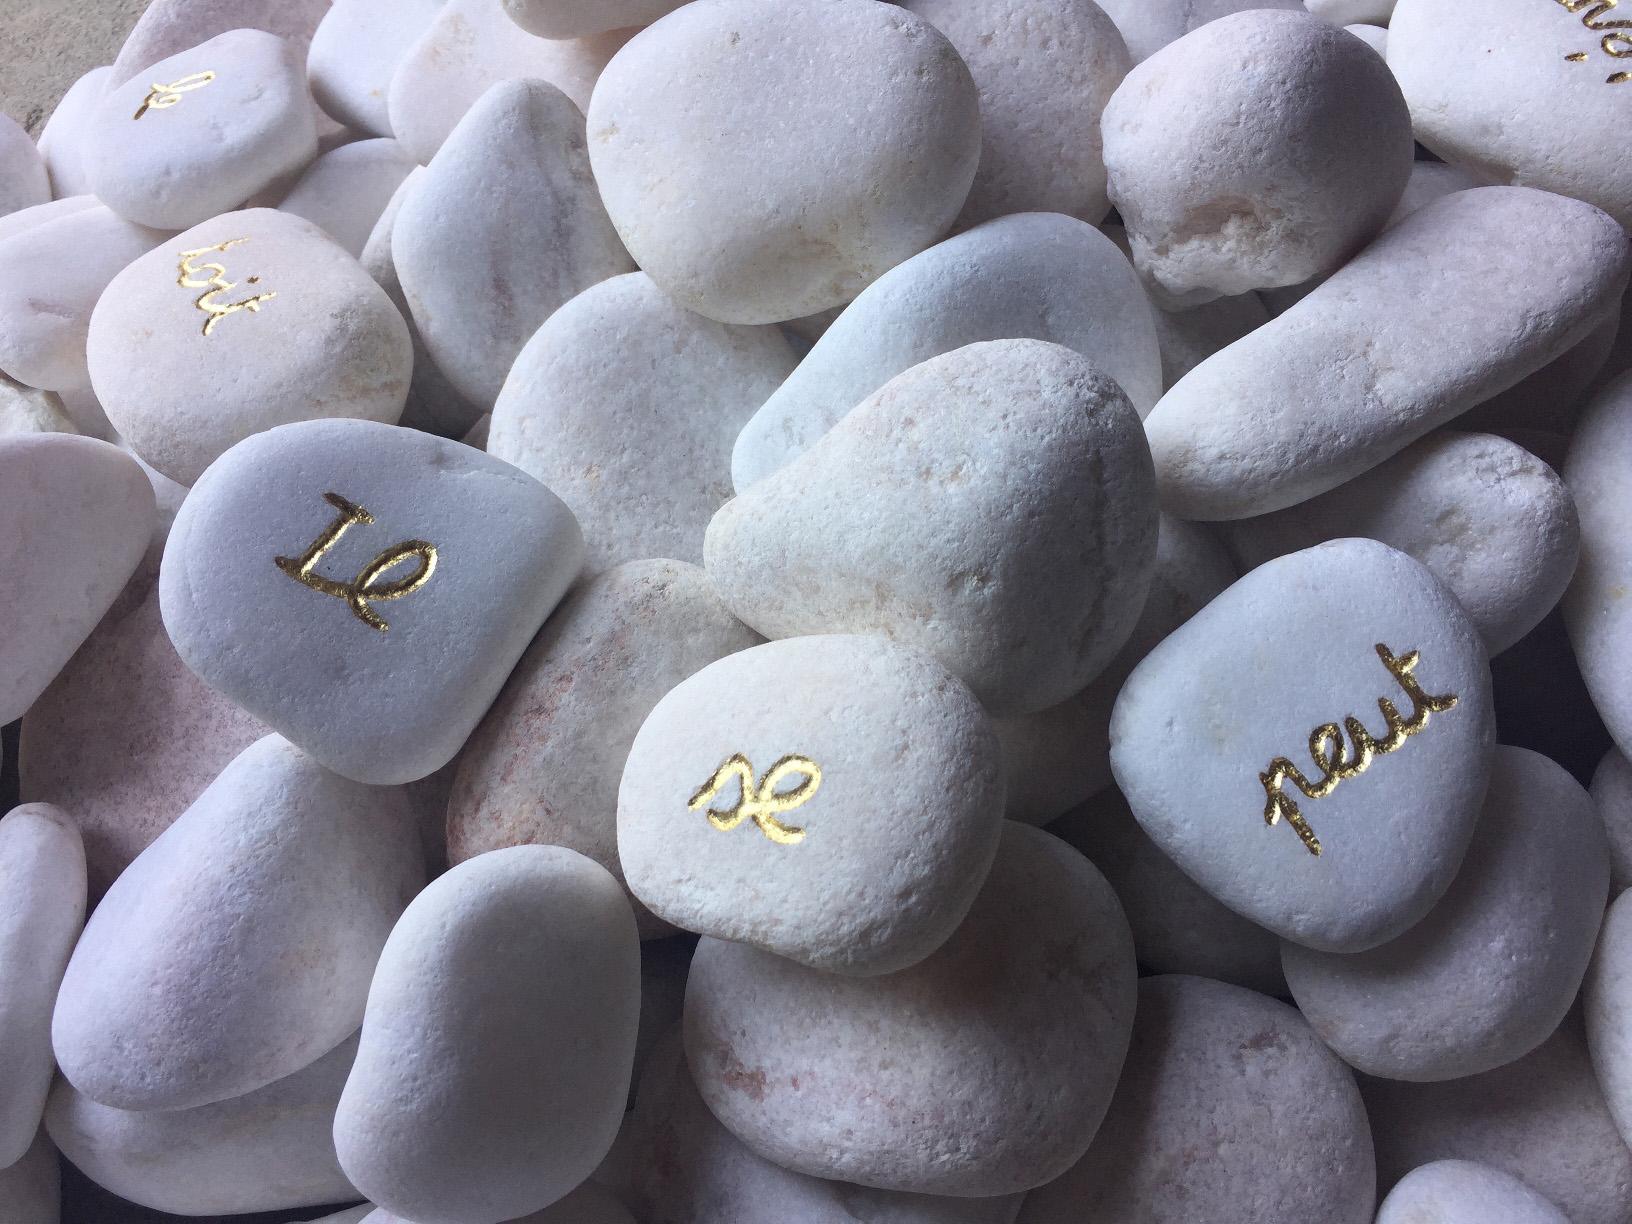 Laure Tixier, Il se peut qu'on s'évade en passant par le toit_2018_Tas de galets blancs dont 10 galets gravés et dorés à la feuille d'or-détail,Exhibition view MATRIOCHKAS, ANALIX FOREVER, mars 2021